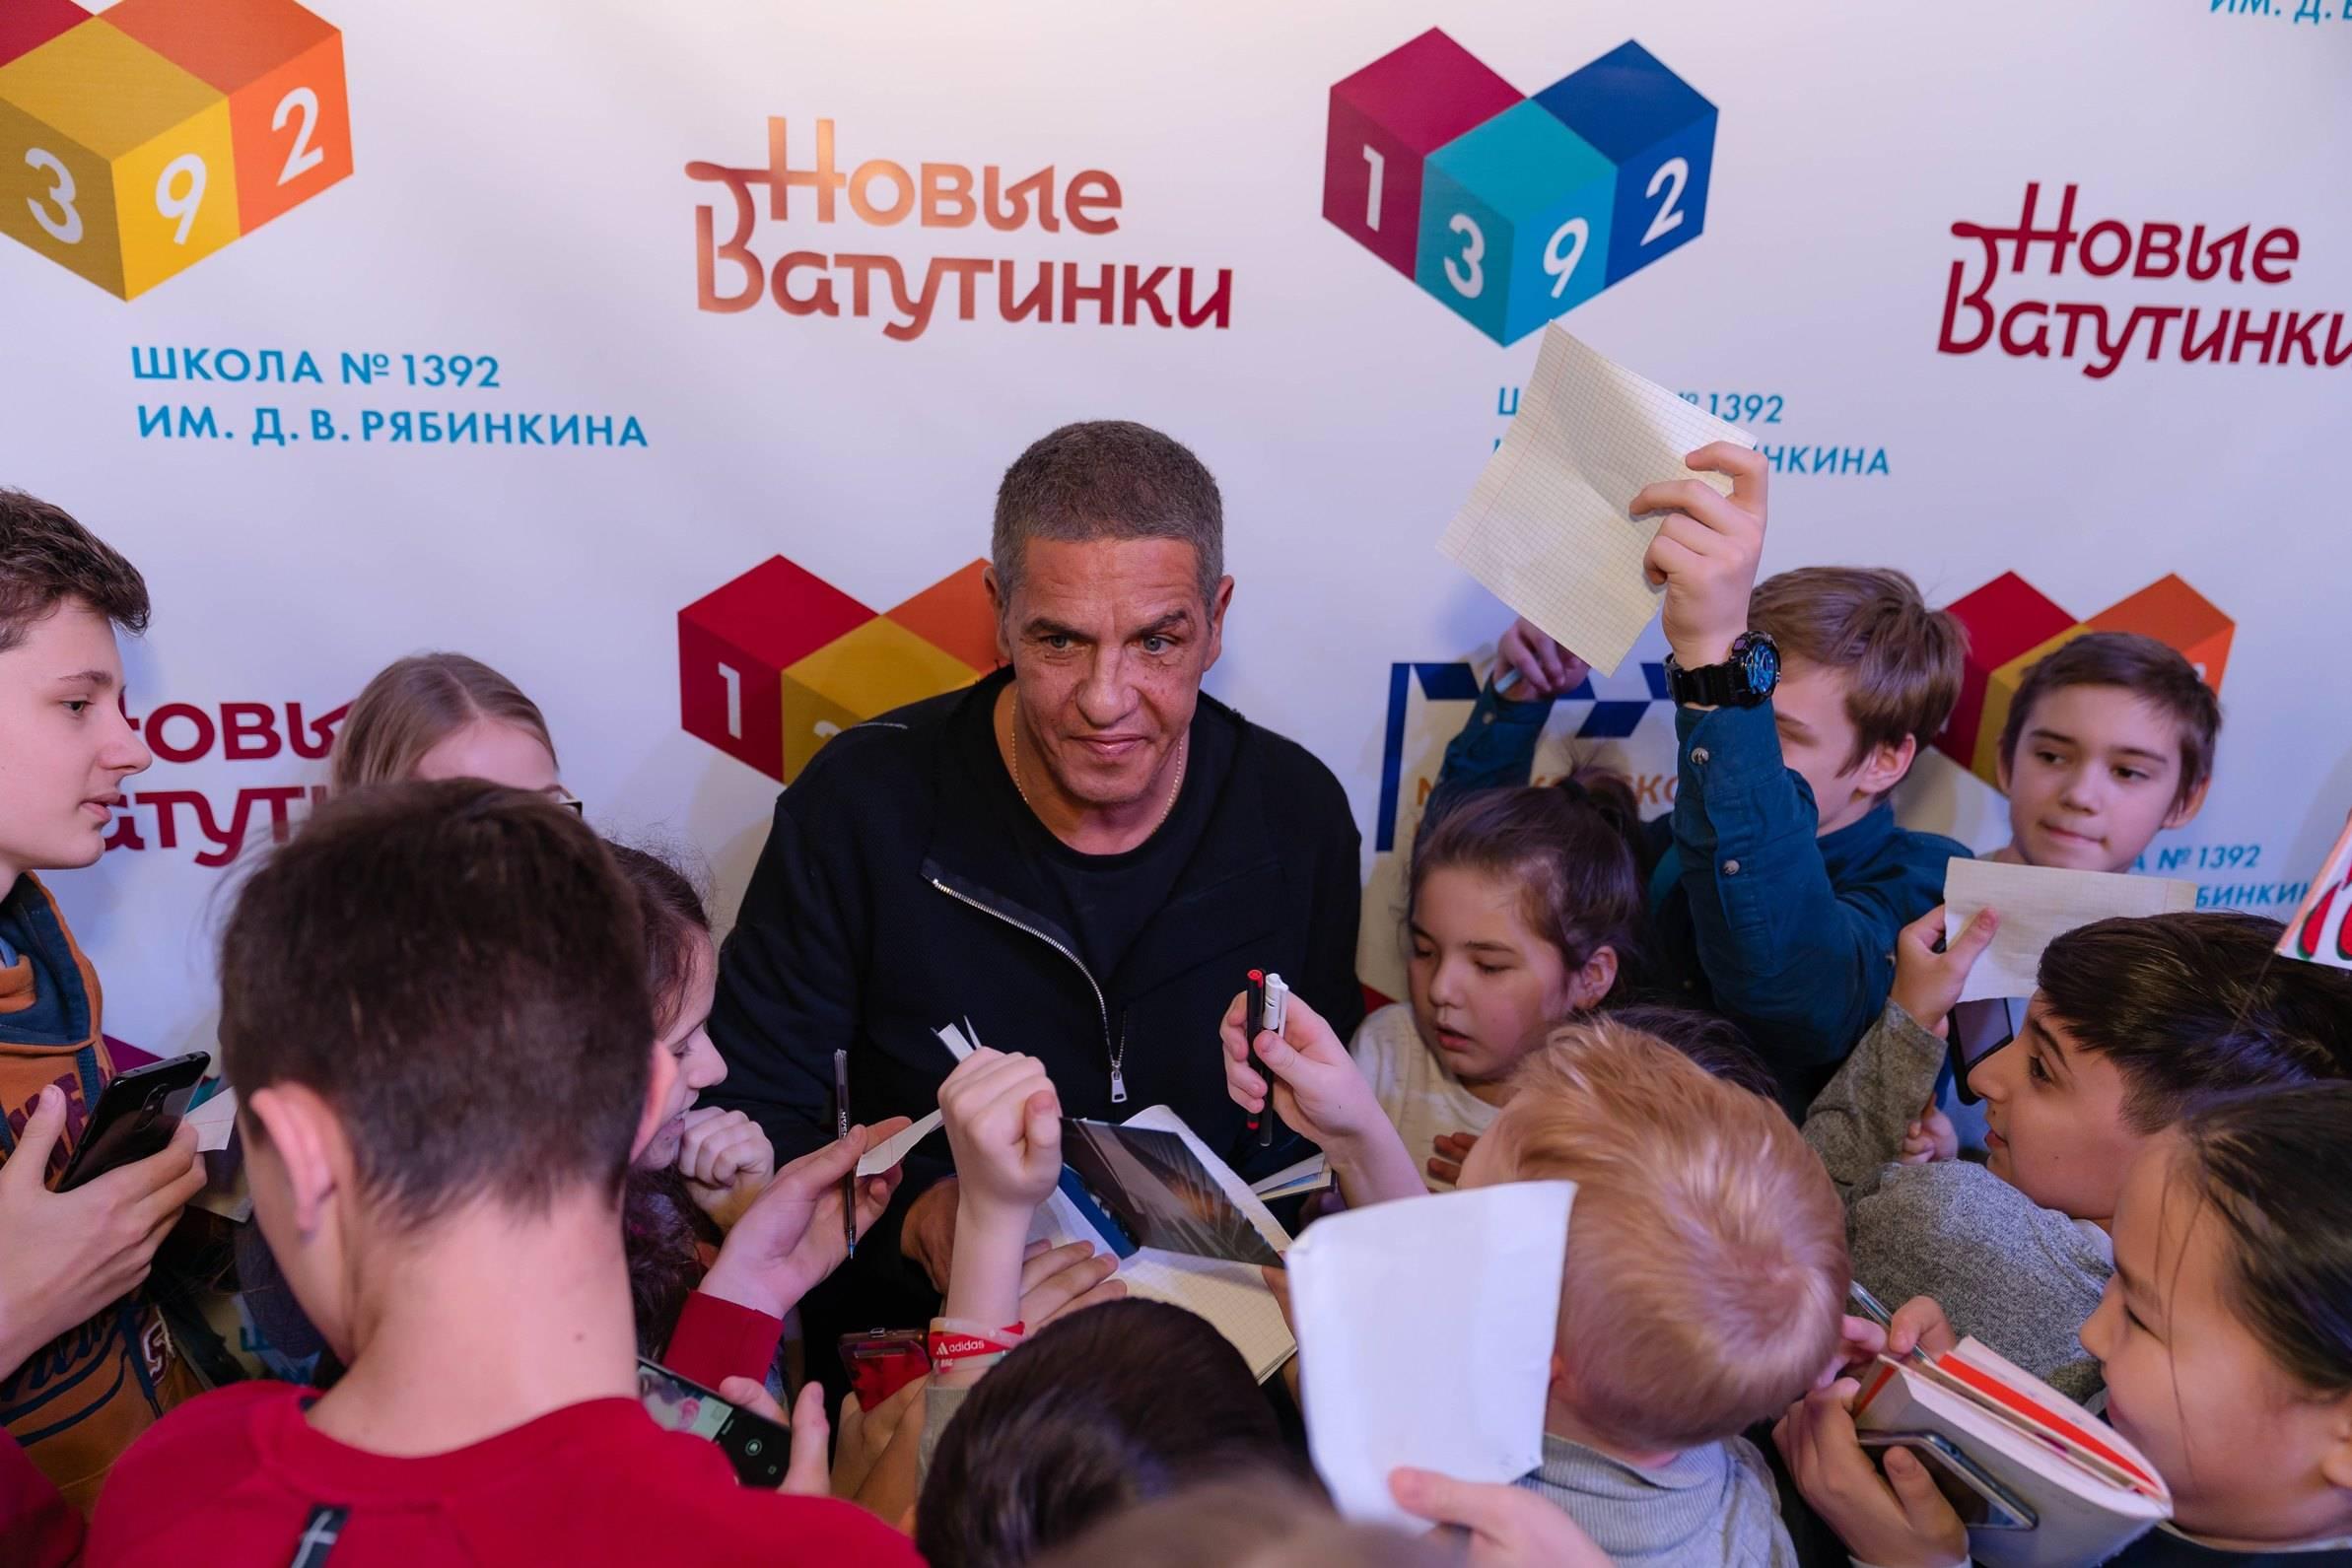 Звезда фильма «Такси» познакомился с жителями Новых Ватутинок